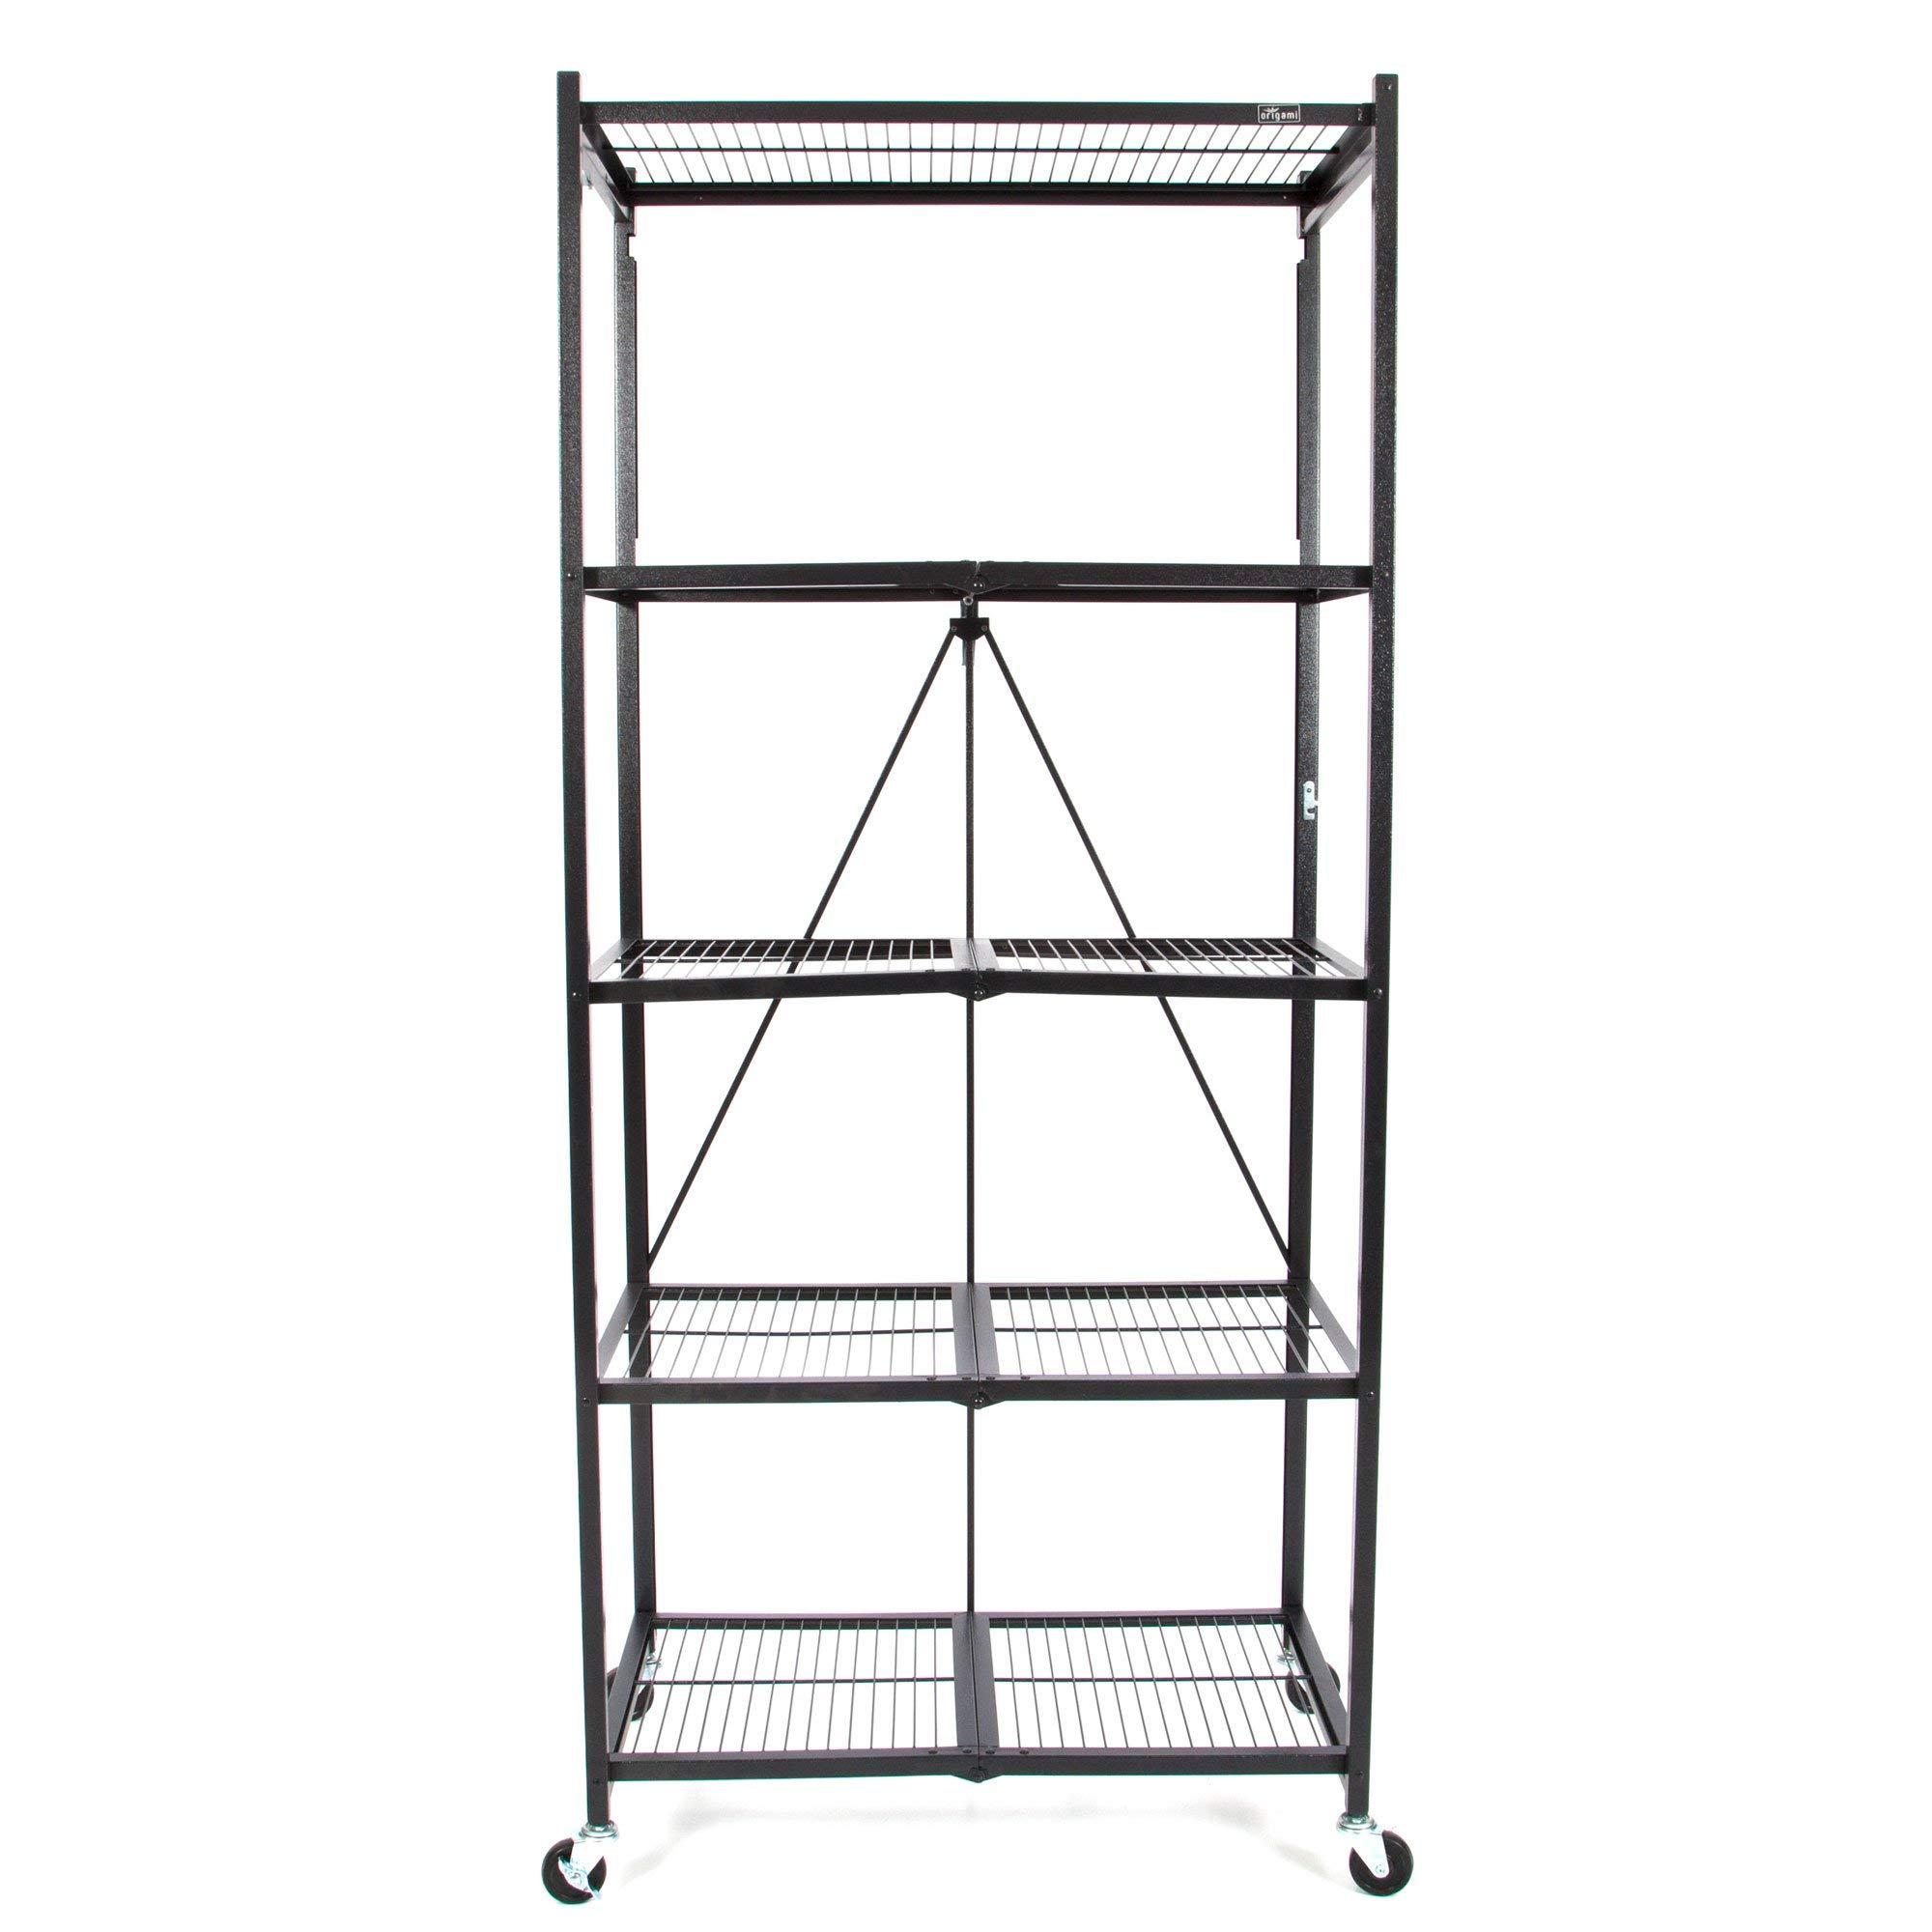 Origami Extra Large Wheeled 5-Shelf Folding Steel Wire Shelving, Black (21'' x 36'' x 78'')